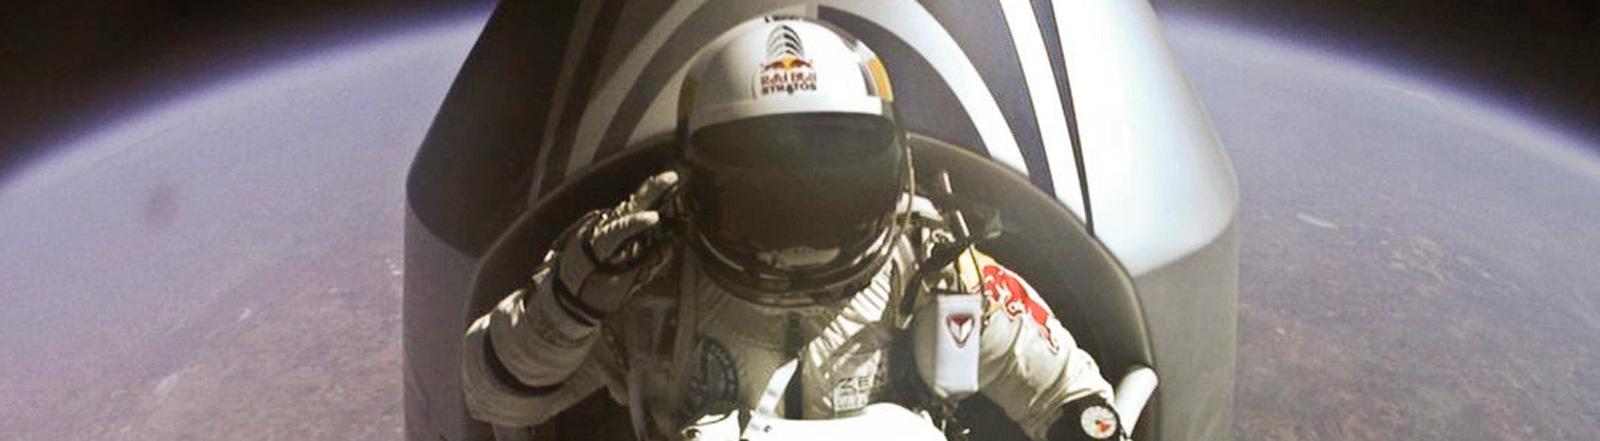 Der Extremsportler Felix Baumgartner steht in einem Anzug in einer Kapsel in knapp 39.000 Metern Höhe. Kurz vor dem Sprung. Unter ihm sieht man die Erde; Foto: dpa